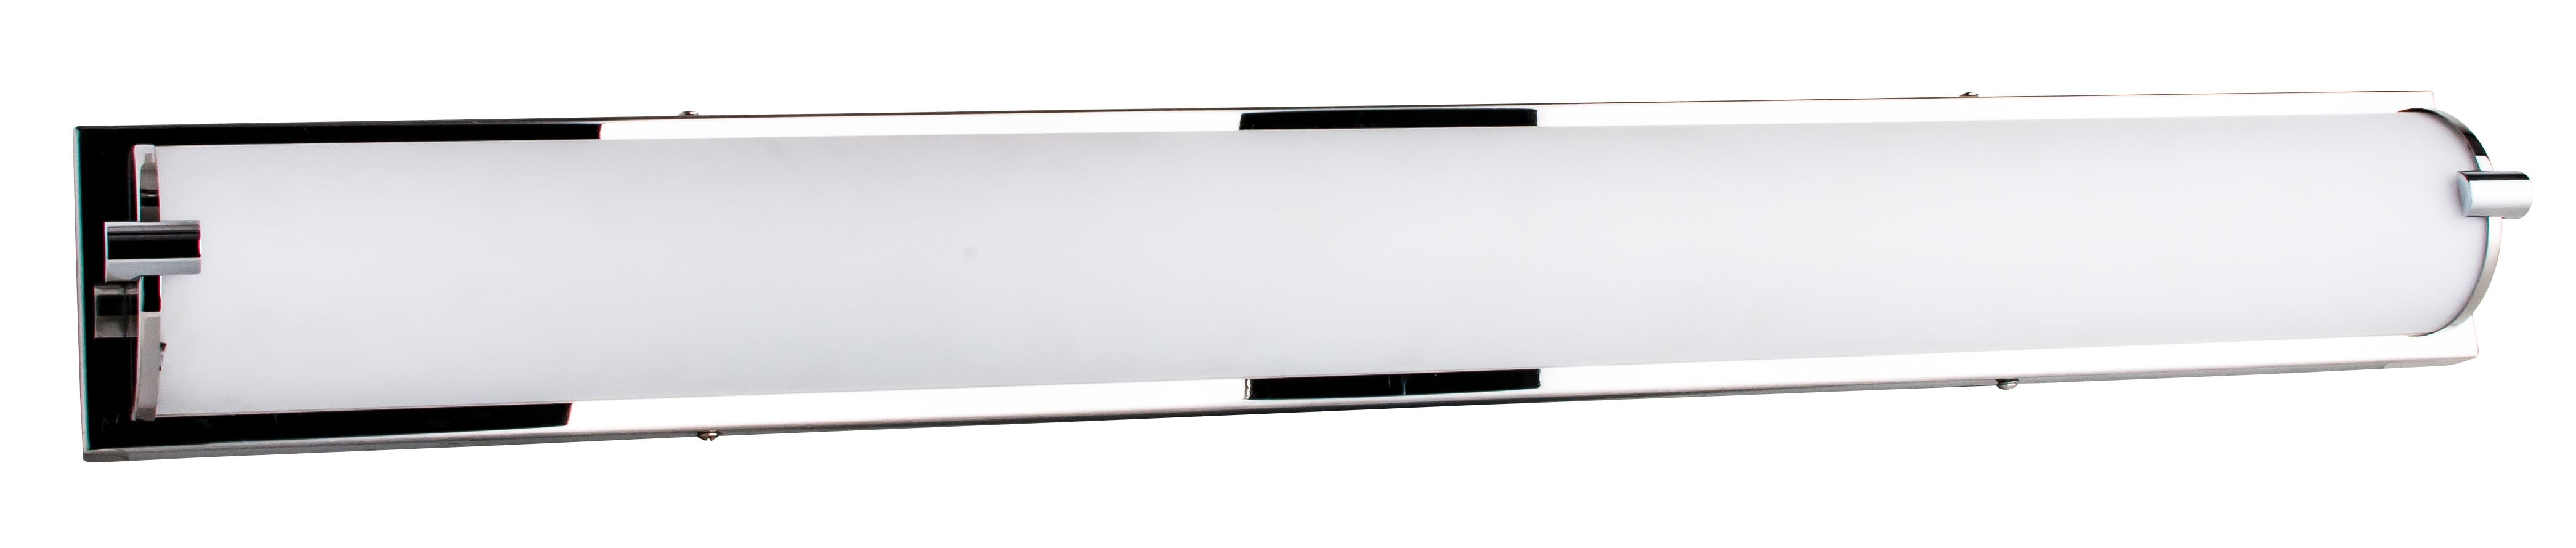 Nástěnná lampa Romy chromowany / bílá LED 40W